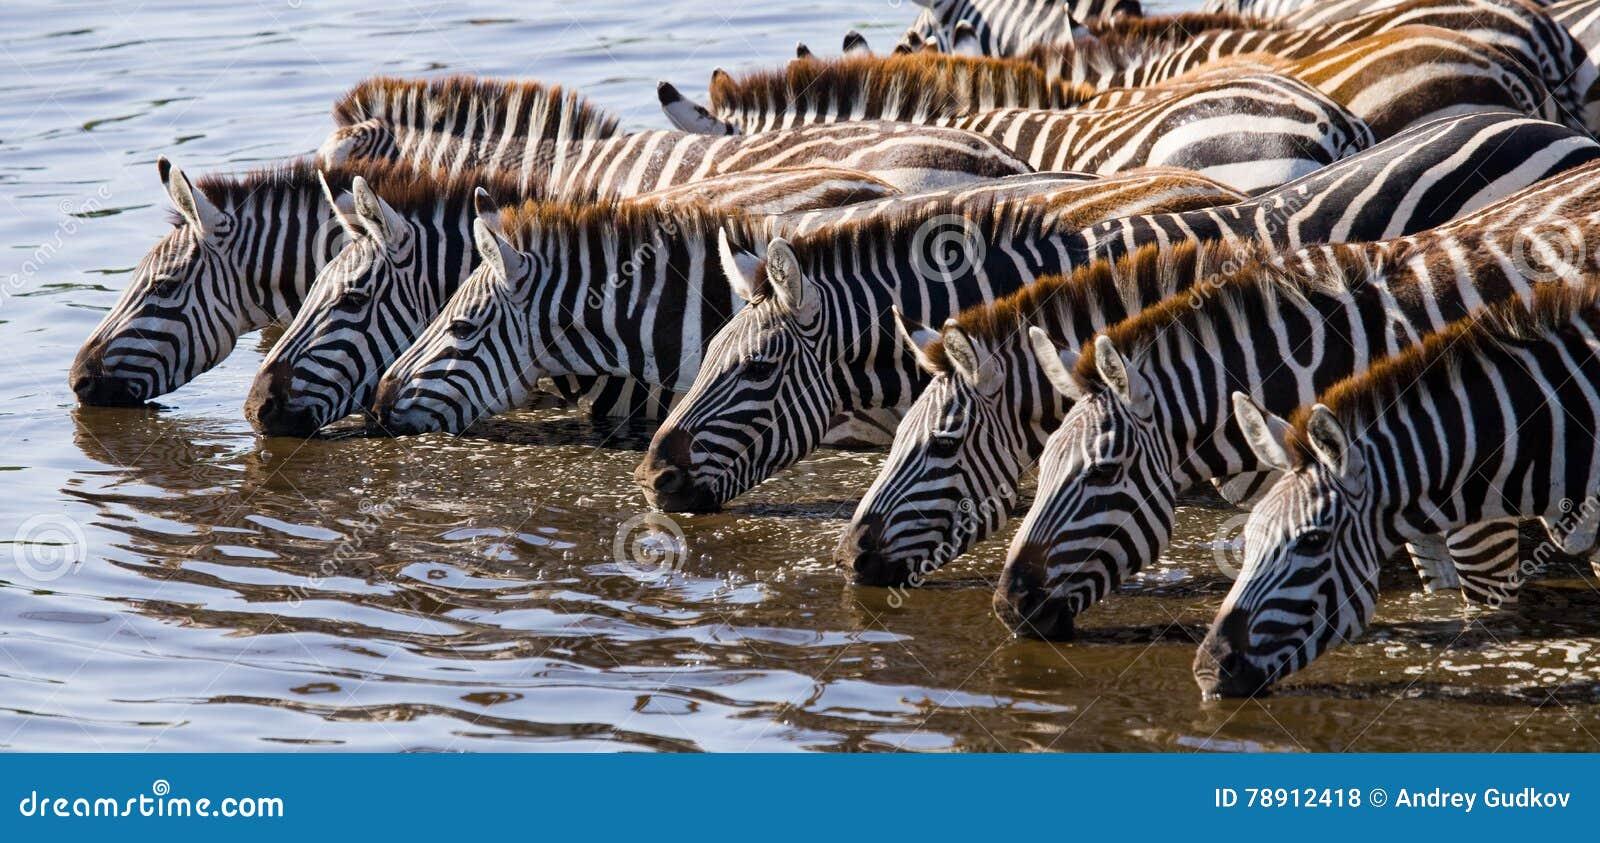 Group of zebras drinking water from the river. Kenya. Tanzania. National Park. Serengeti. Maasai Mara.